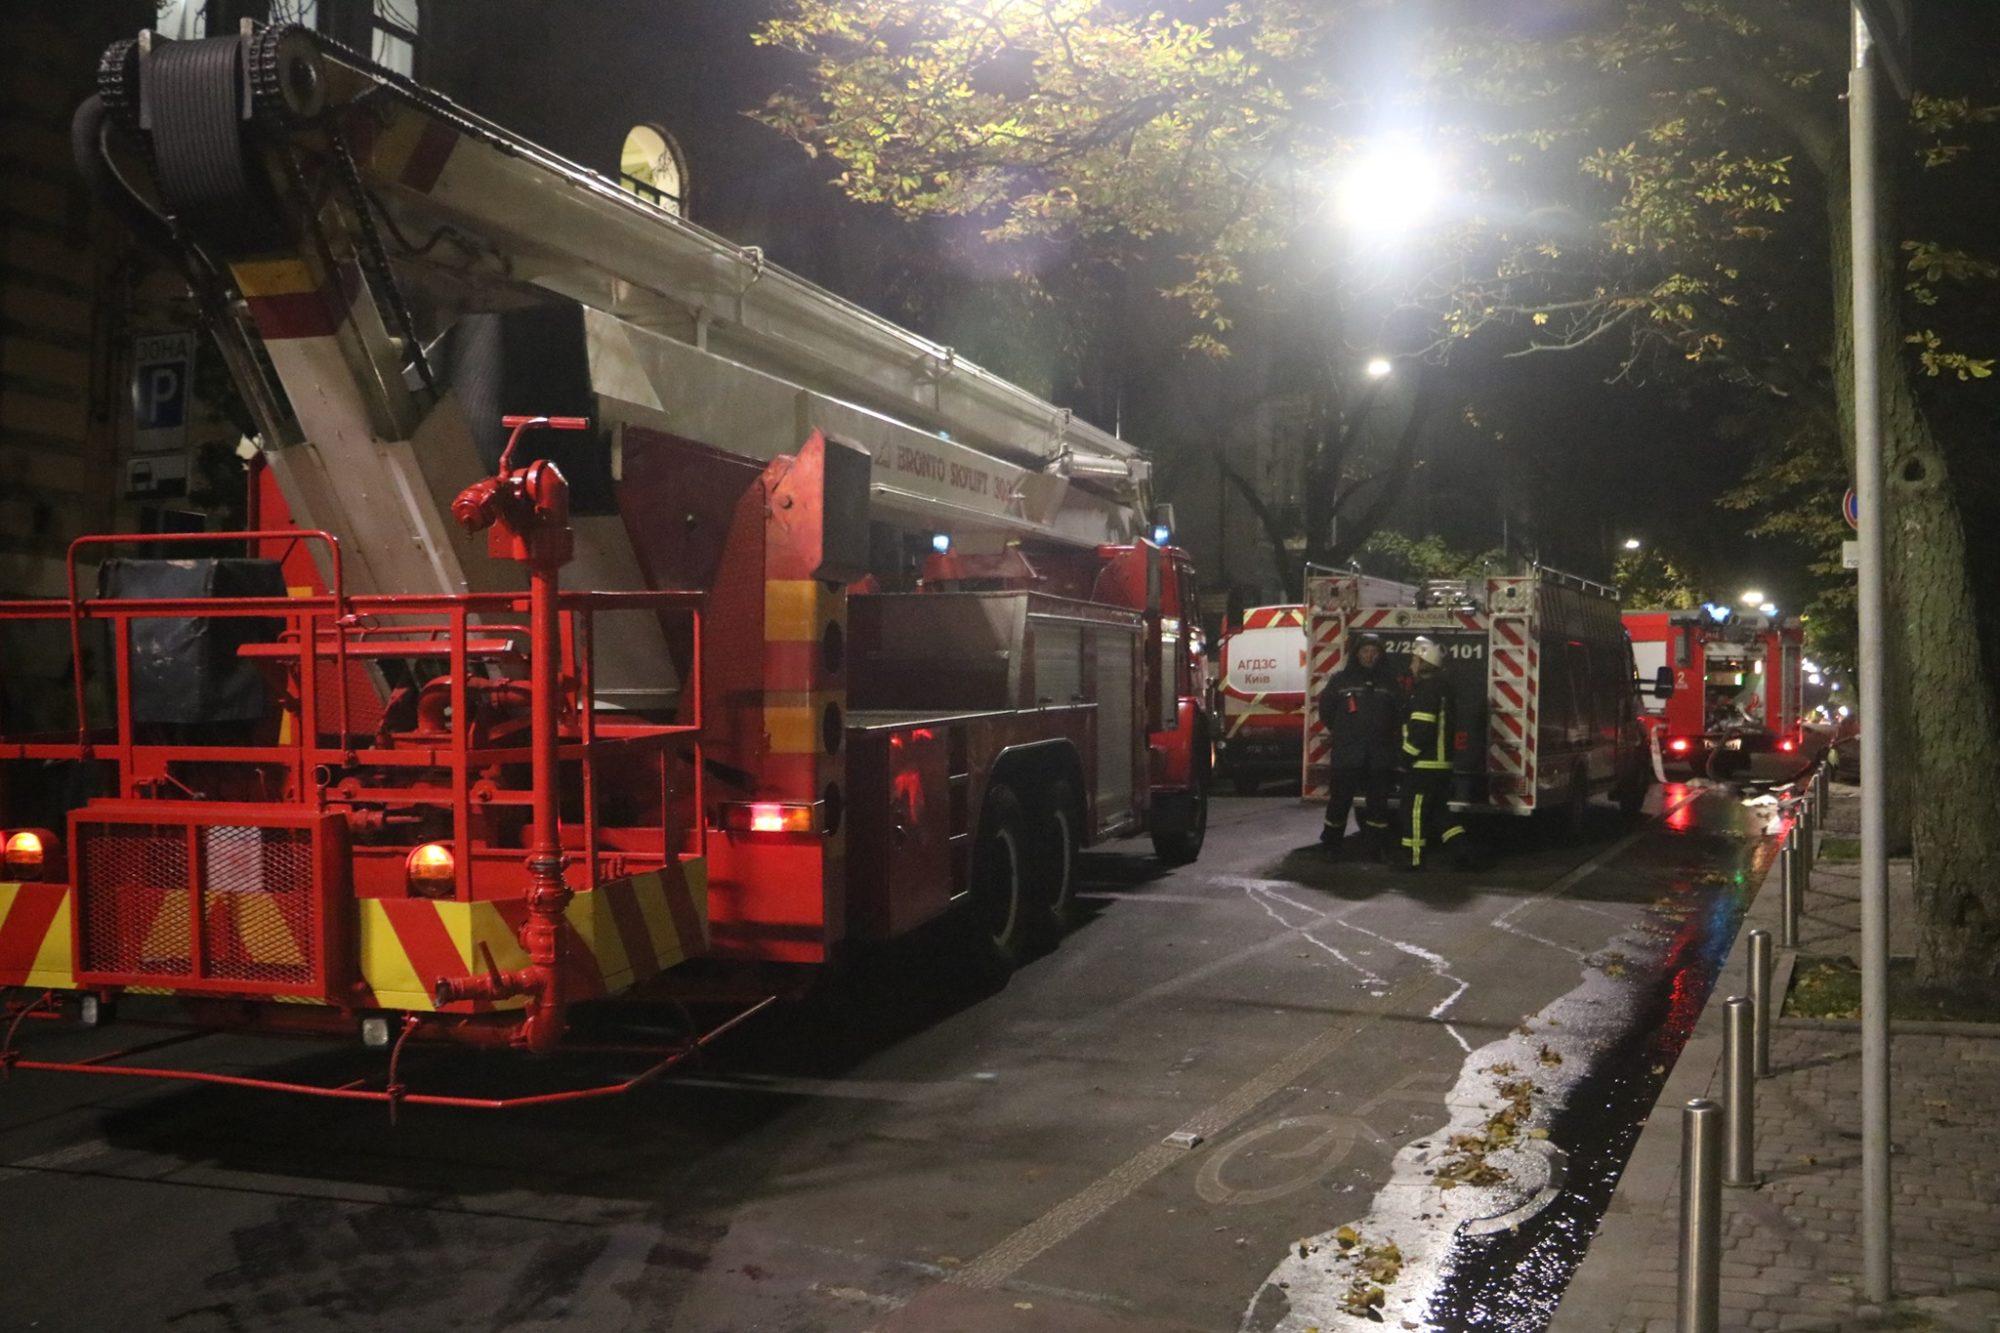 Київ: під час гасіння пожежі в готелі, евакуйовали людей - загоряння, готель - 123928543 3464867336926517 3528667405631262258 o 2000x1333